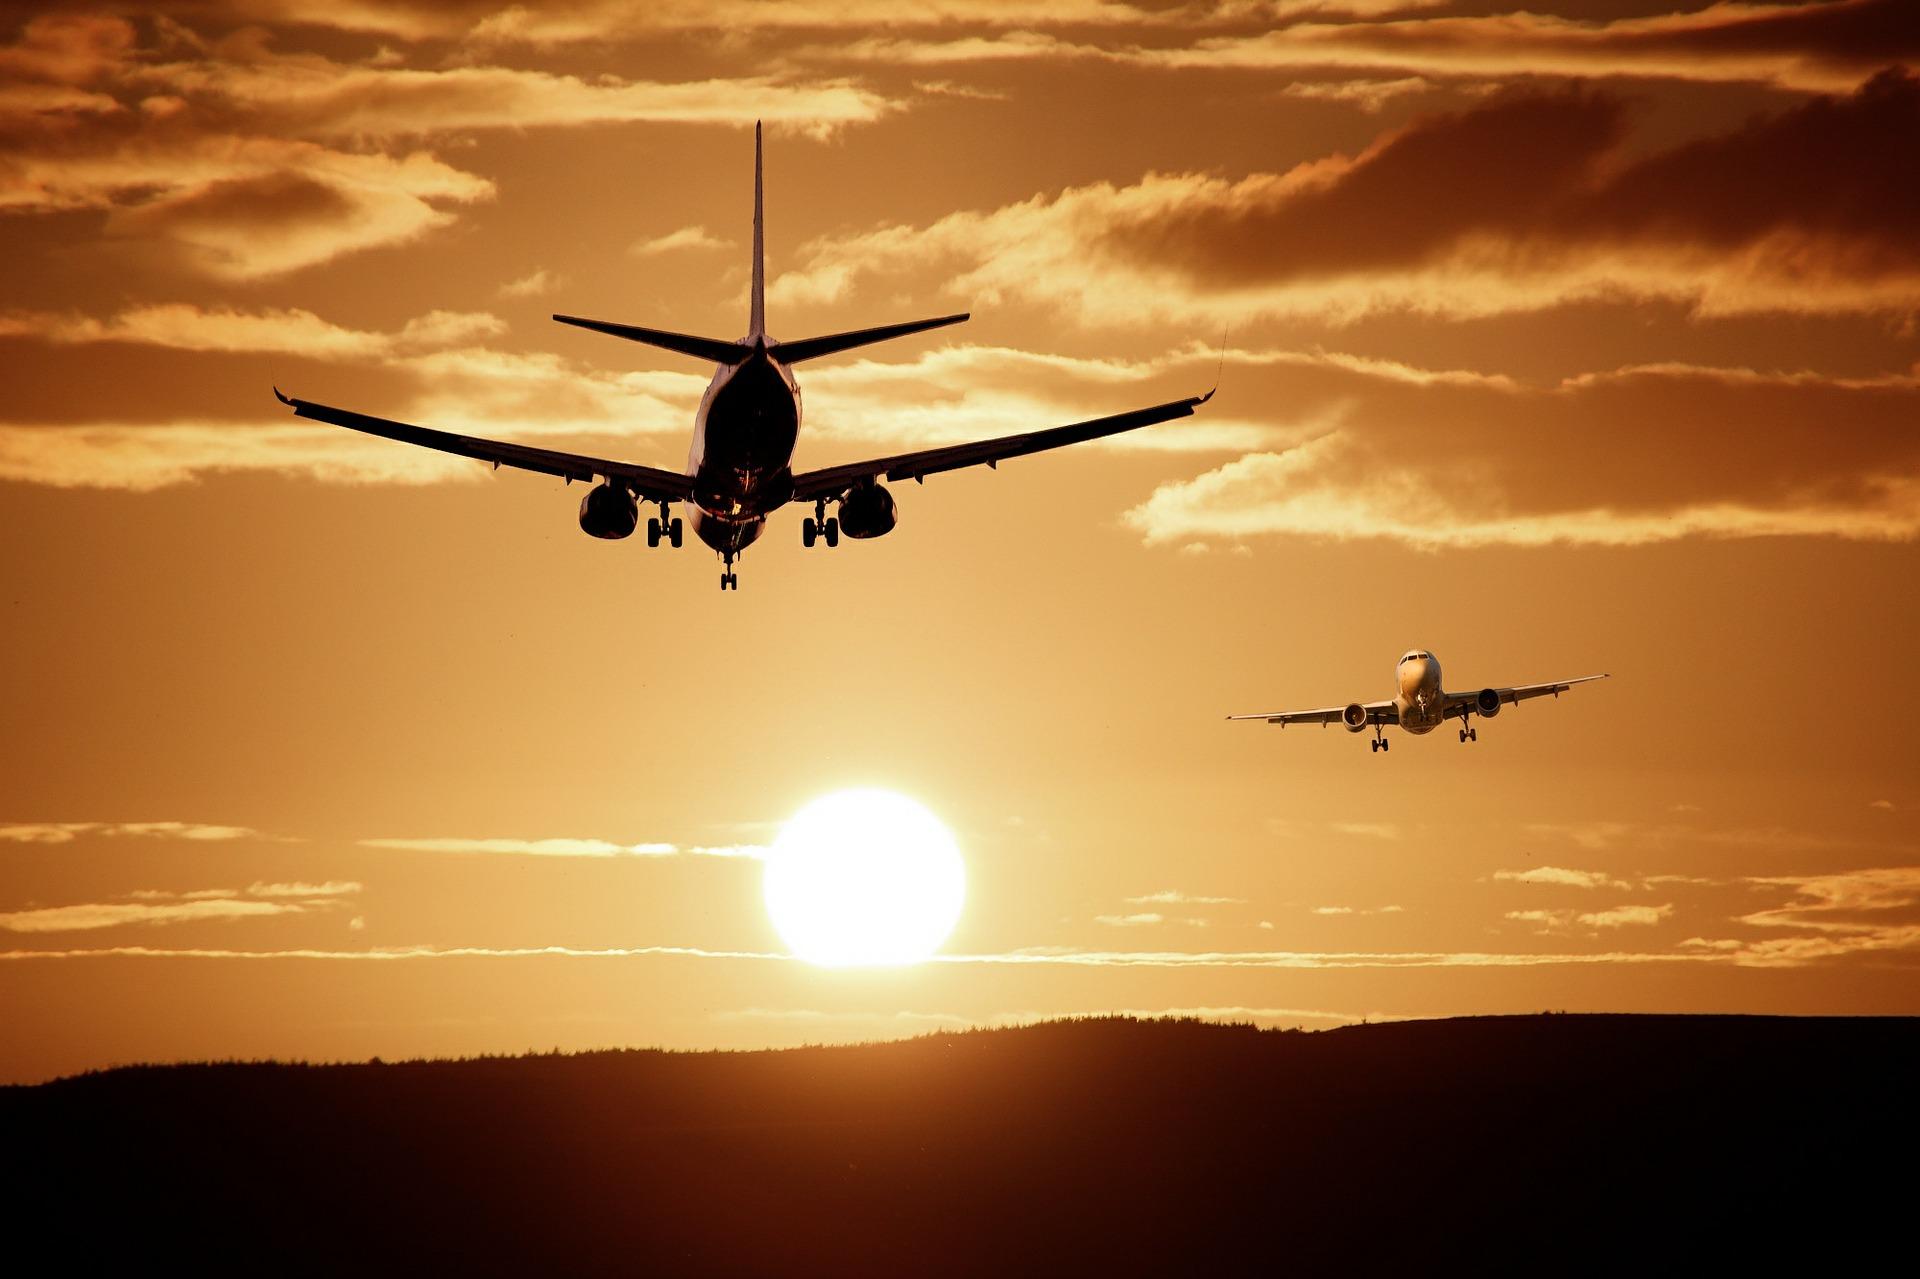 تسيير أولى رحلات طيران أديل إلى دبي Dubai لتعزيز أواصر التعاون بين الإمارات والسعودية